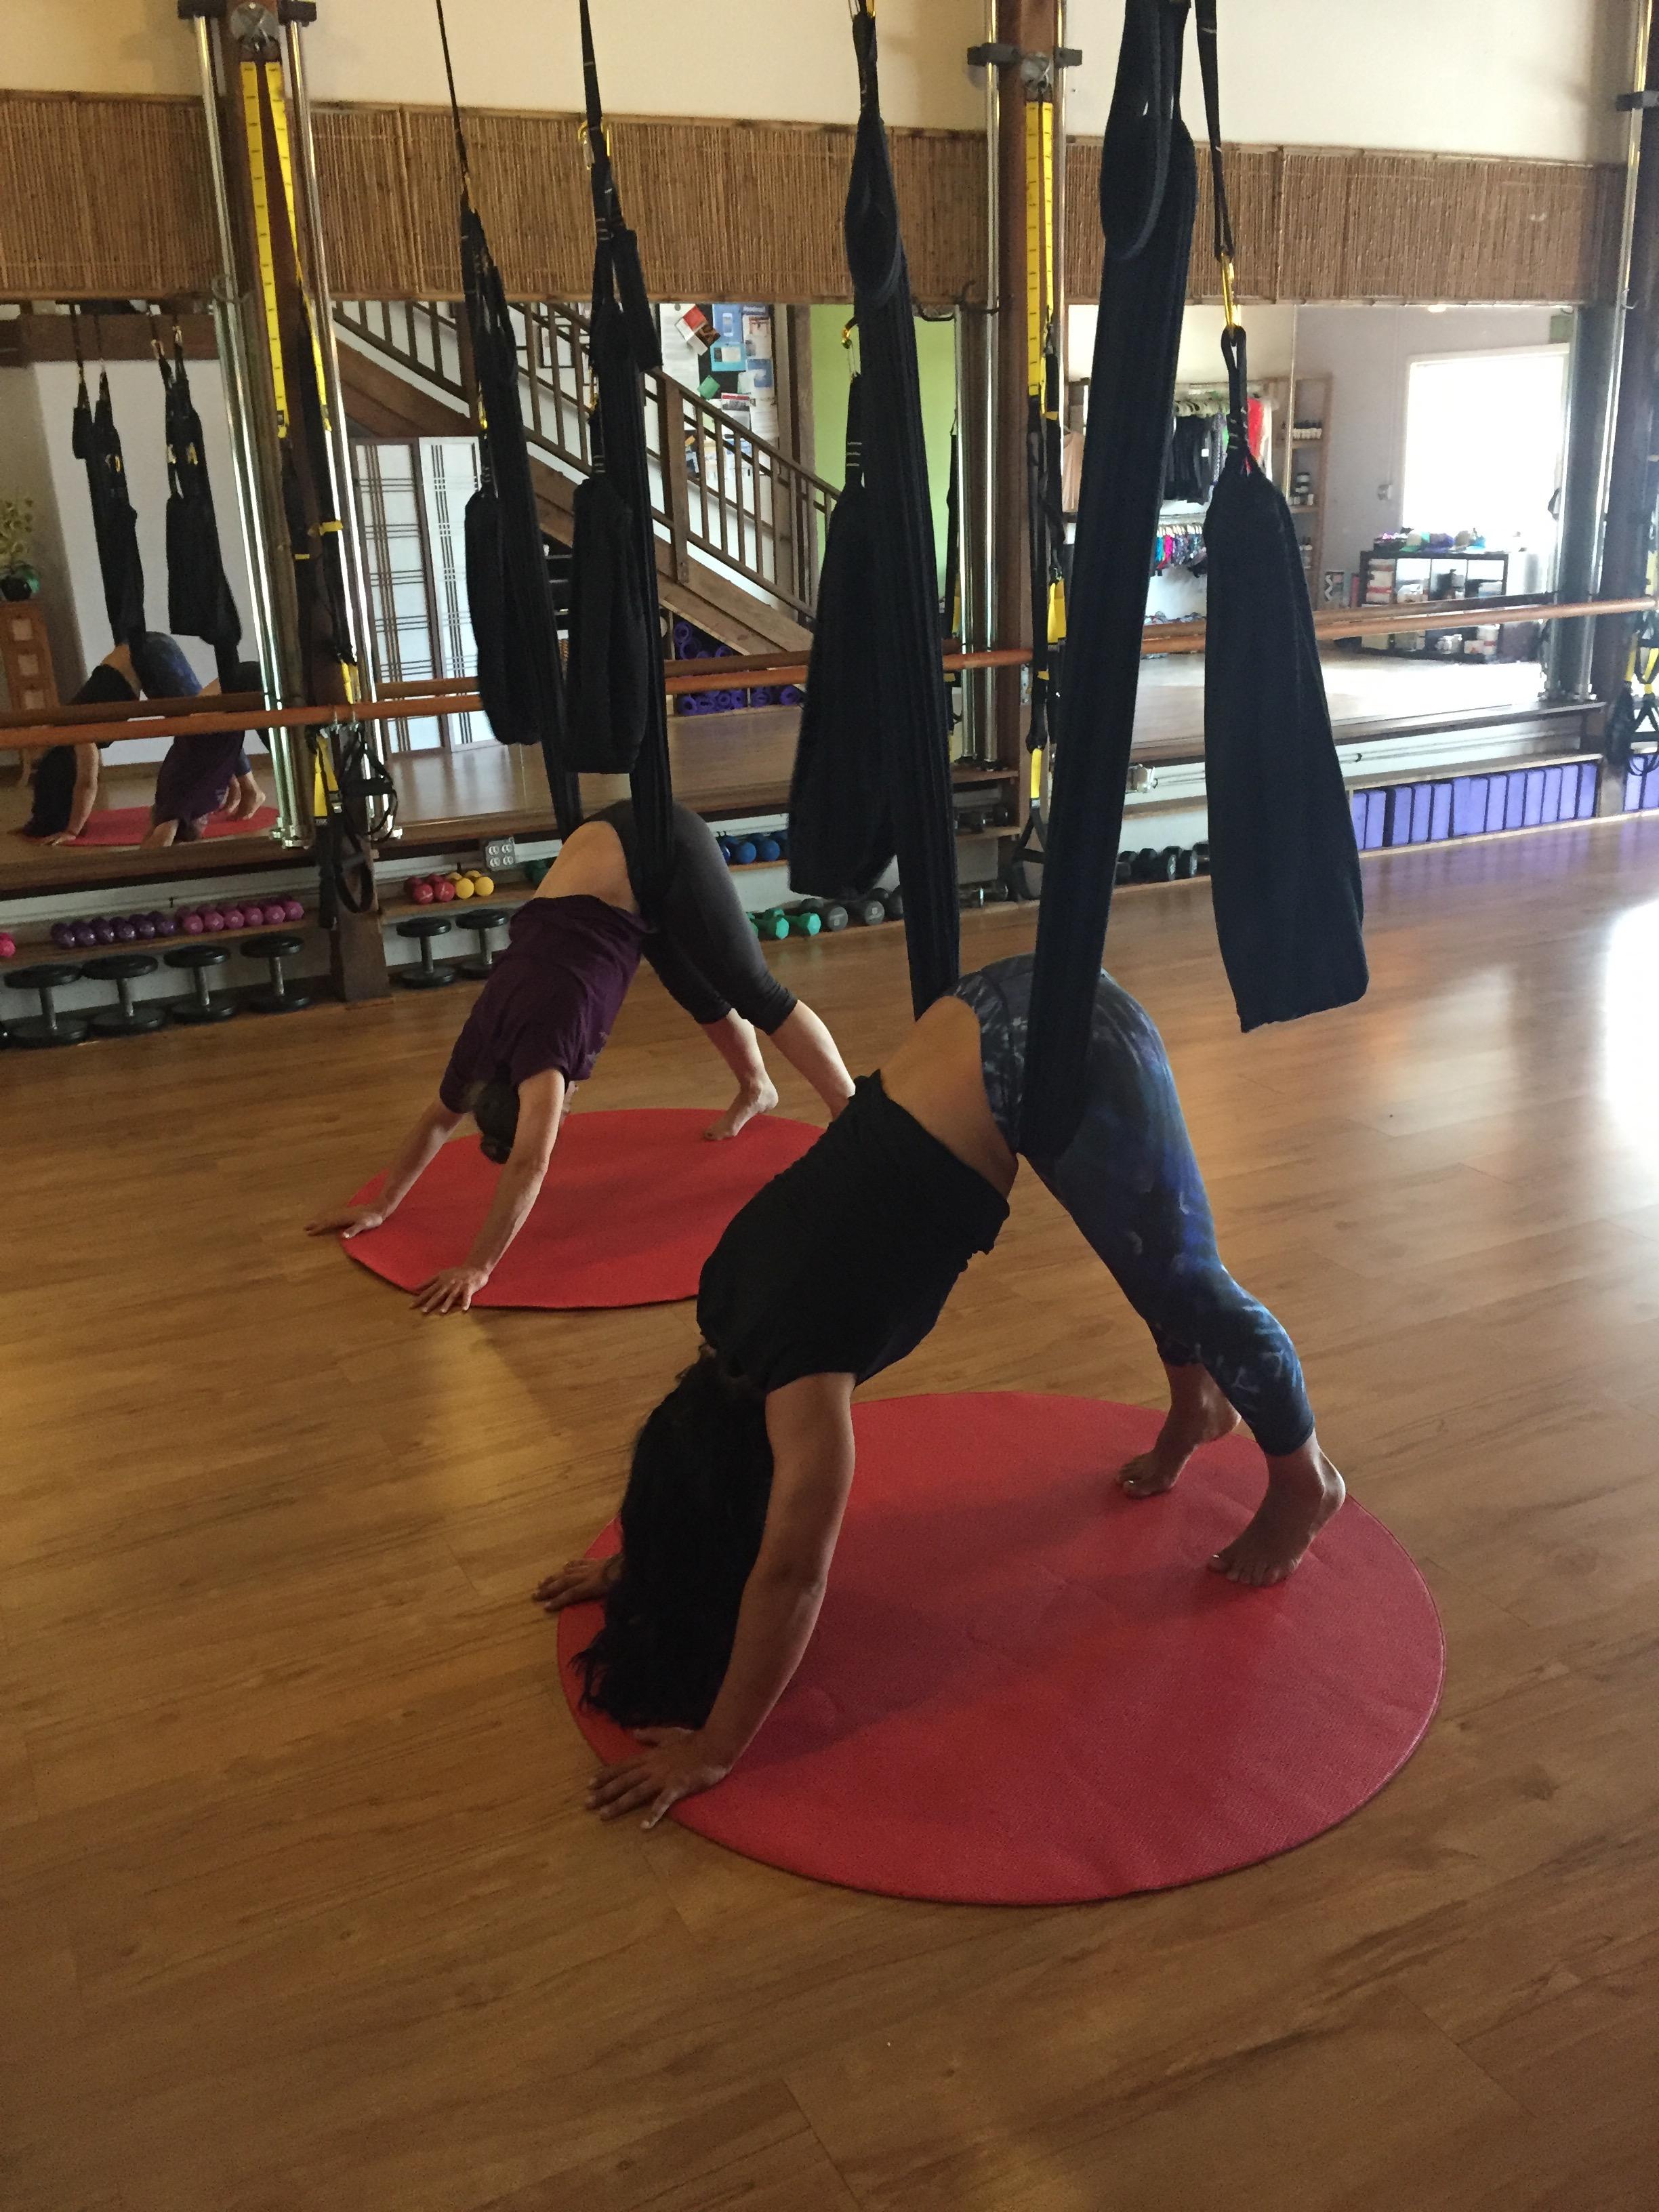 Aerial Yoga Play Teacher Training The Pole Room